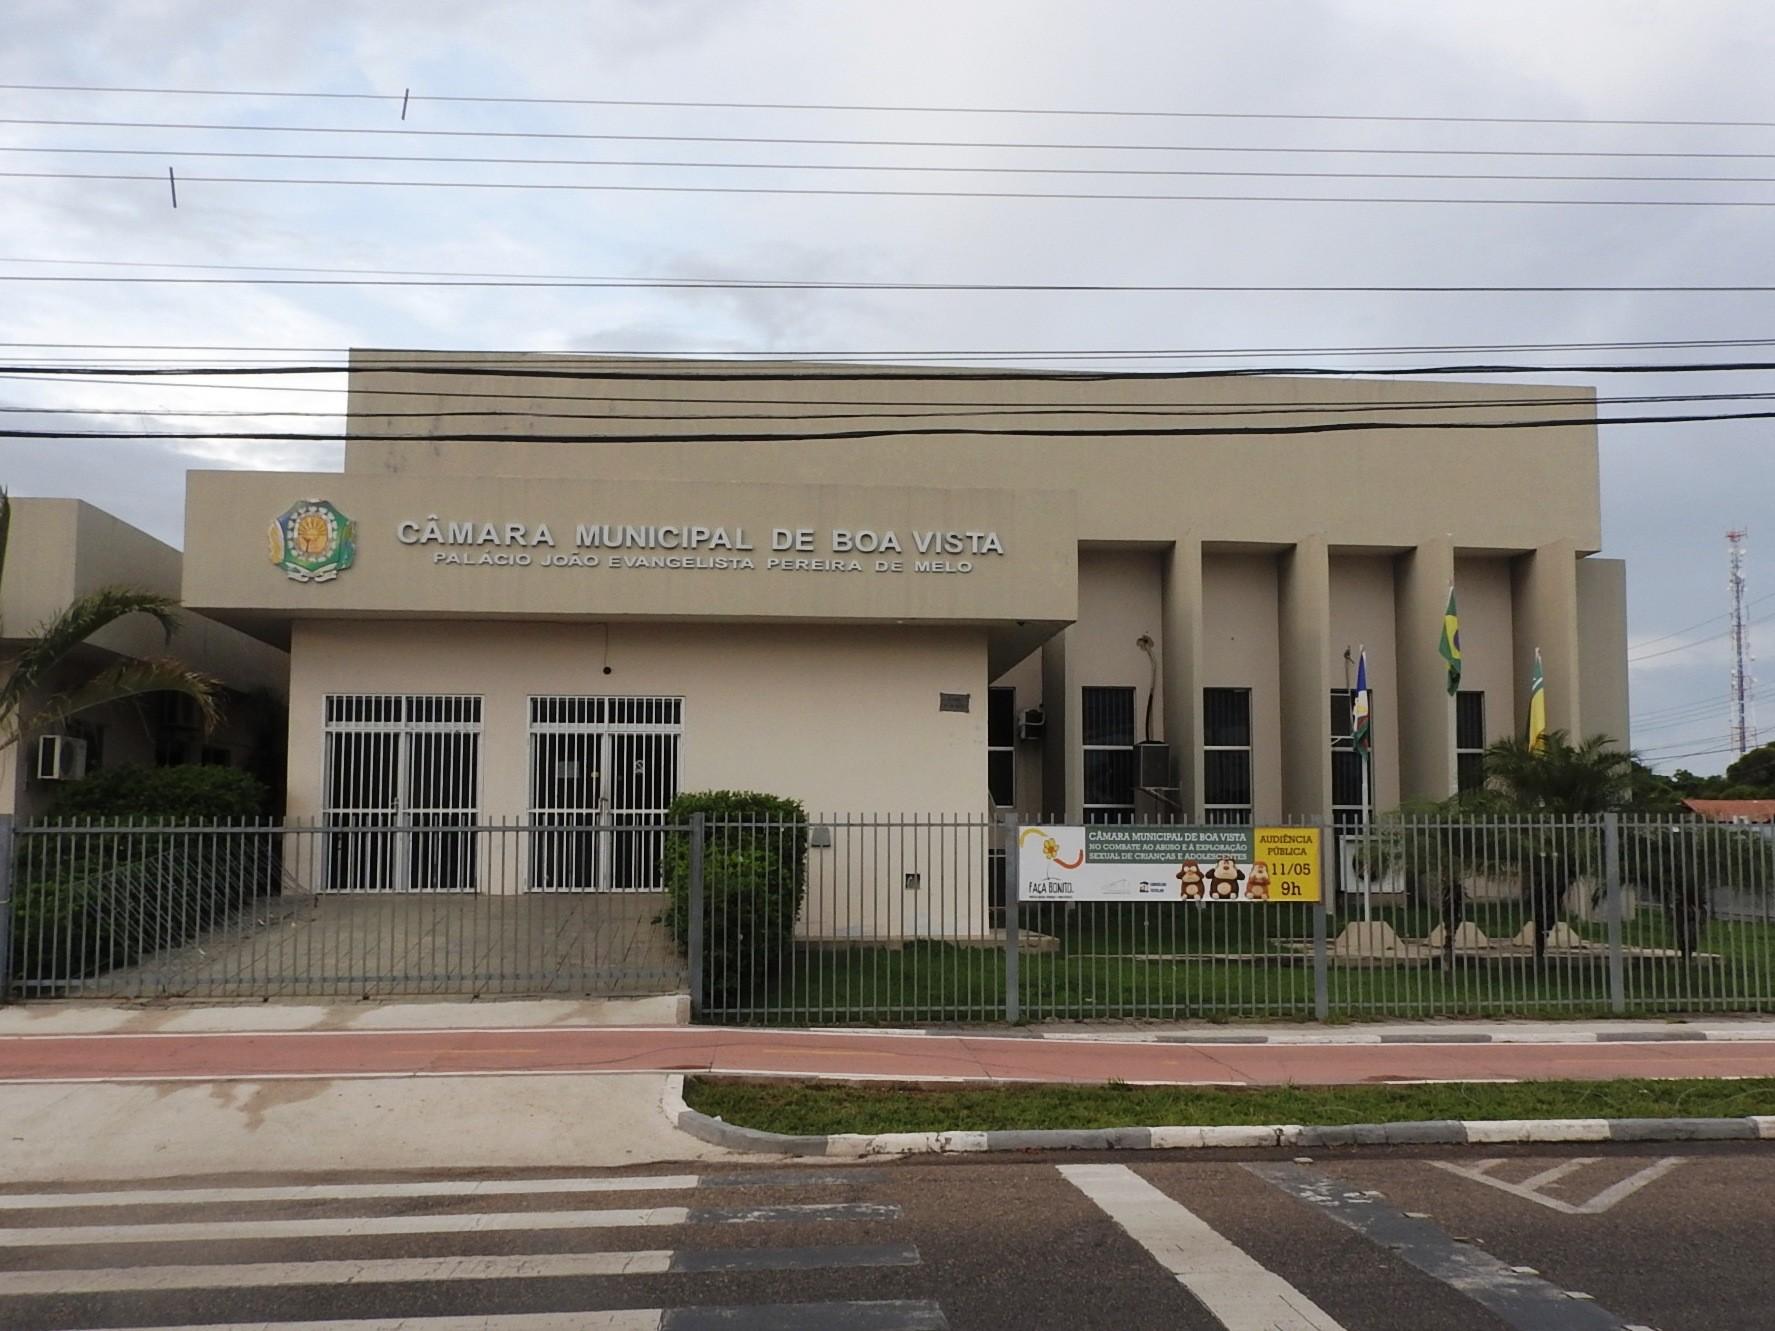 Lei que autoriza construção de três postos de saúde 24h entra em vigor em Boa Vista